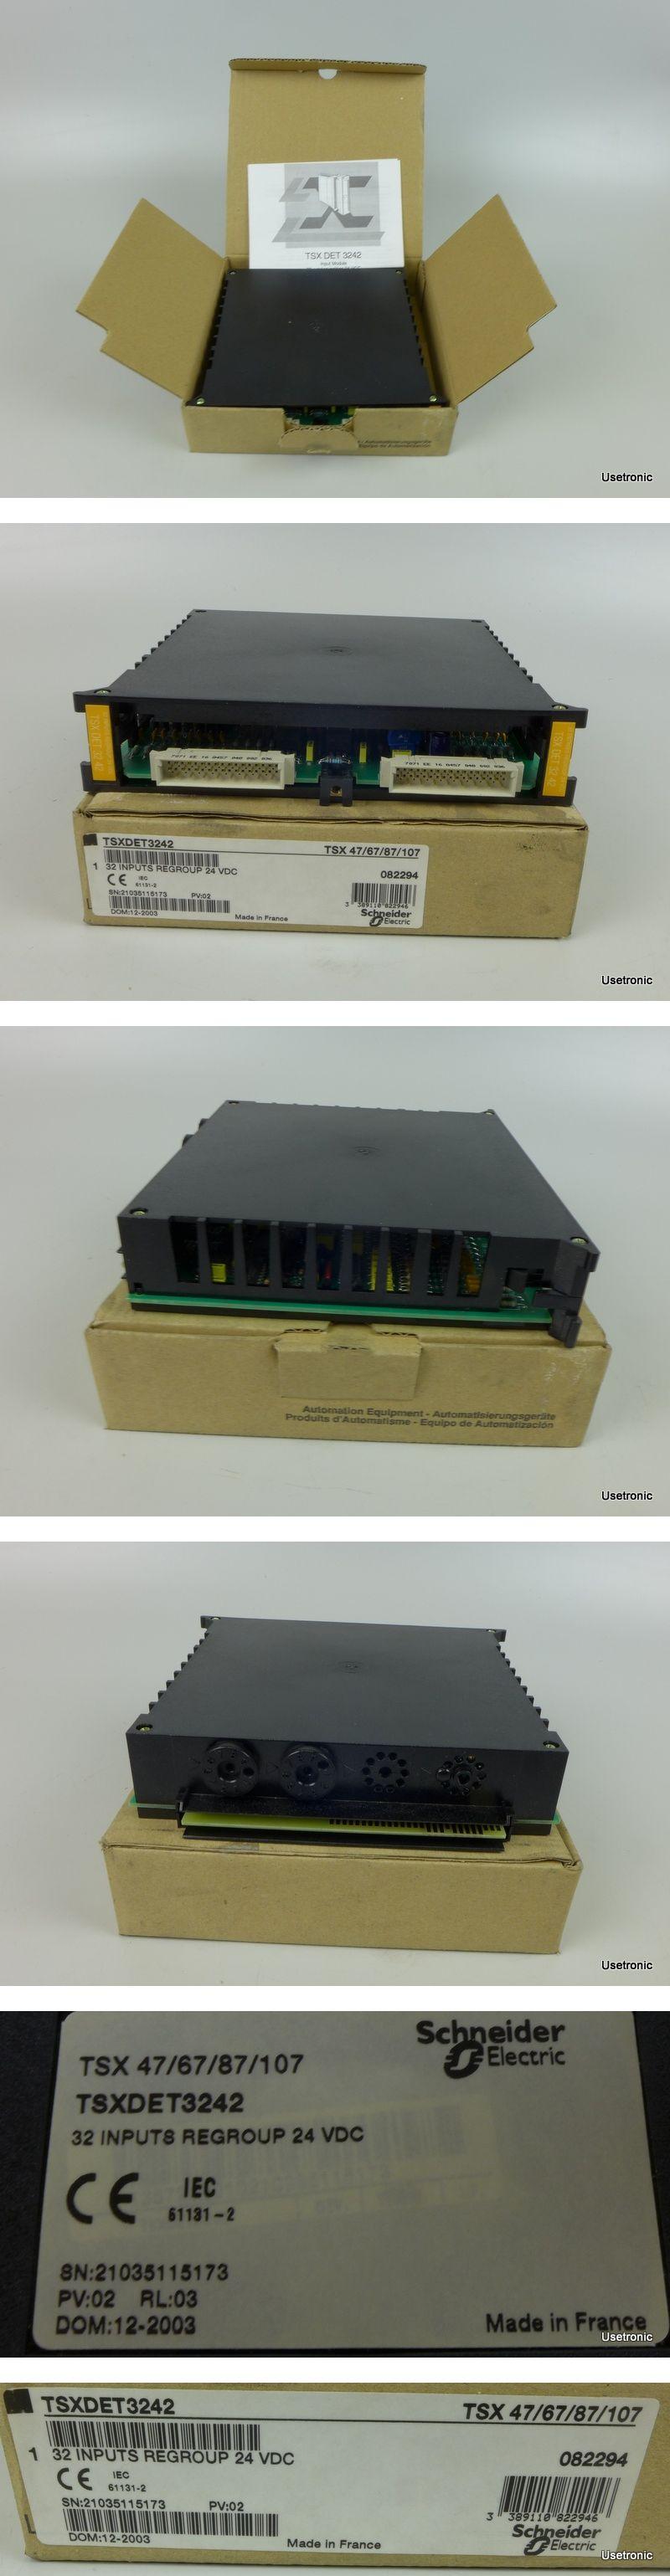 Schneider Telemecanique TSXDET3242